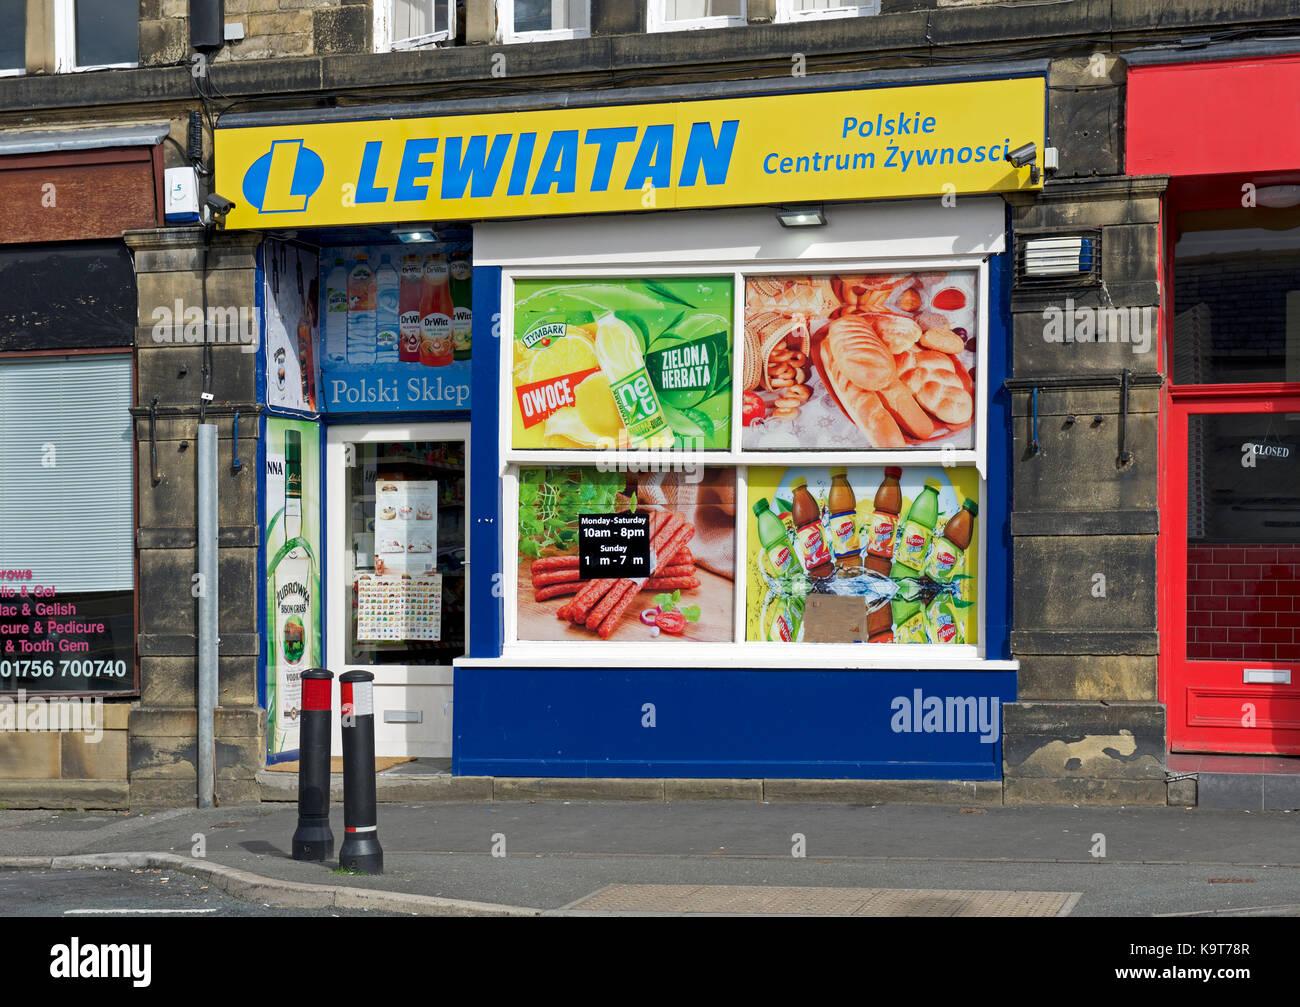 06c5266b1e5c6 Polish Shop England Stock Photos & Polish Shop England Stock Images ...